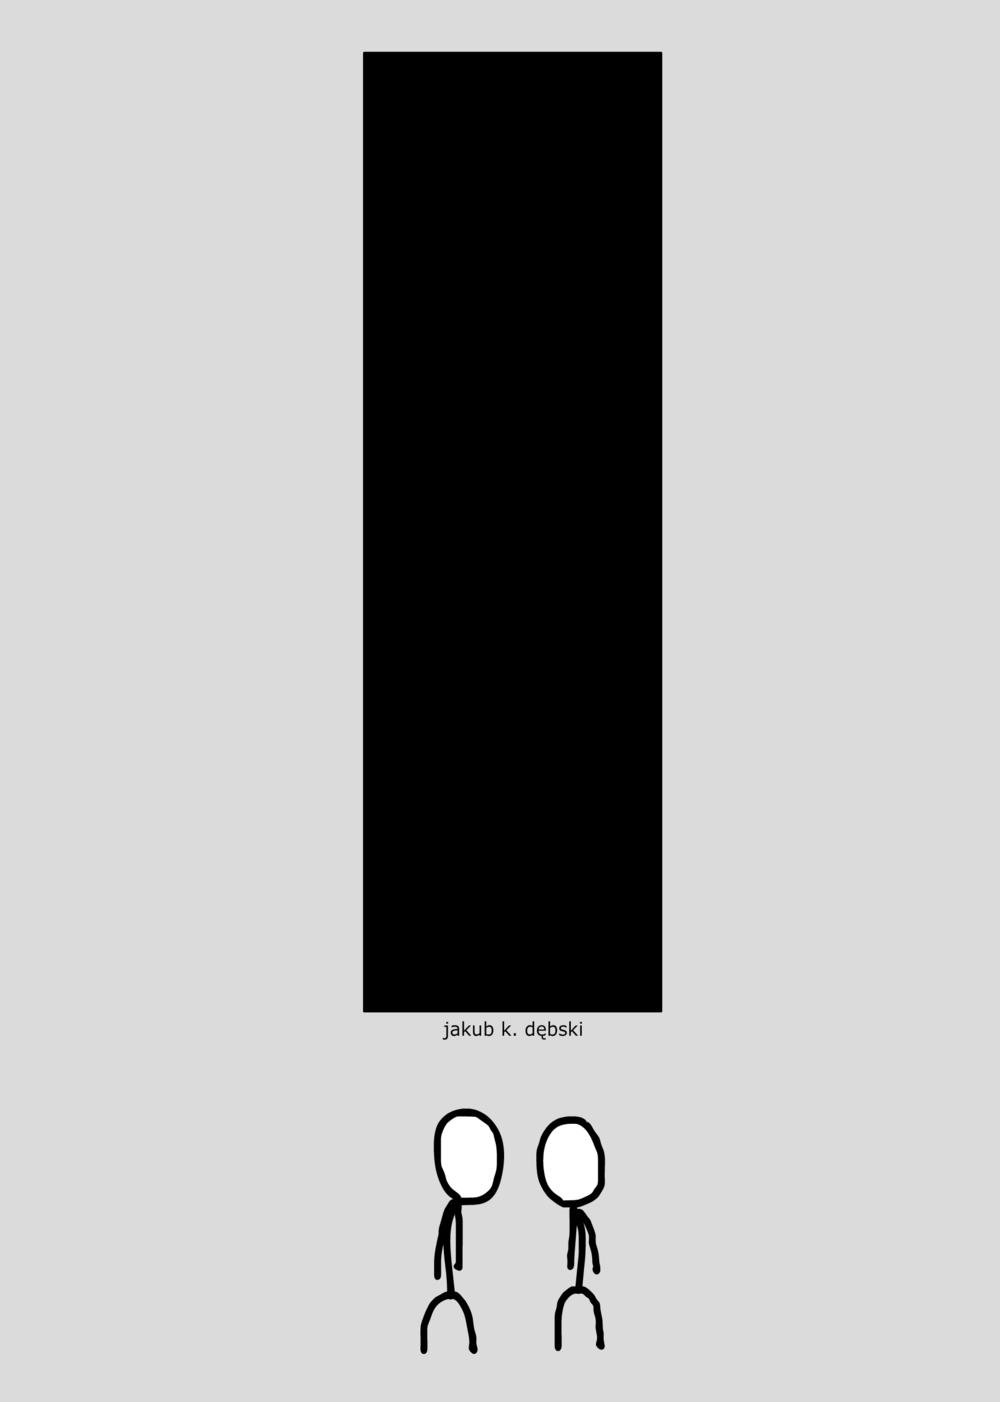 """Okładka drugiego tomu """"Dużych Ilości Naraz Psów"""" zbierającego drugą połowę roku 2009 oraz pierwszą połowę 2010. Premiera: pierwszy kwartał 2019"""